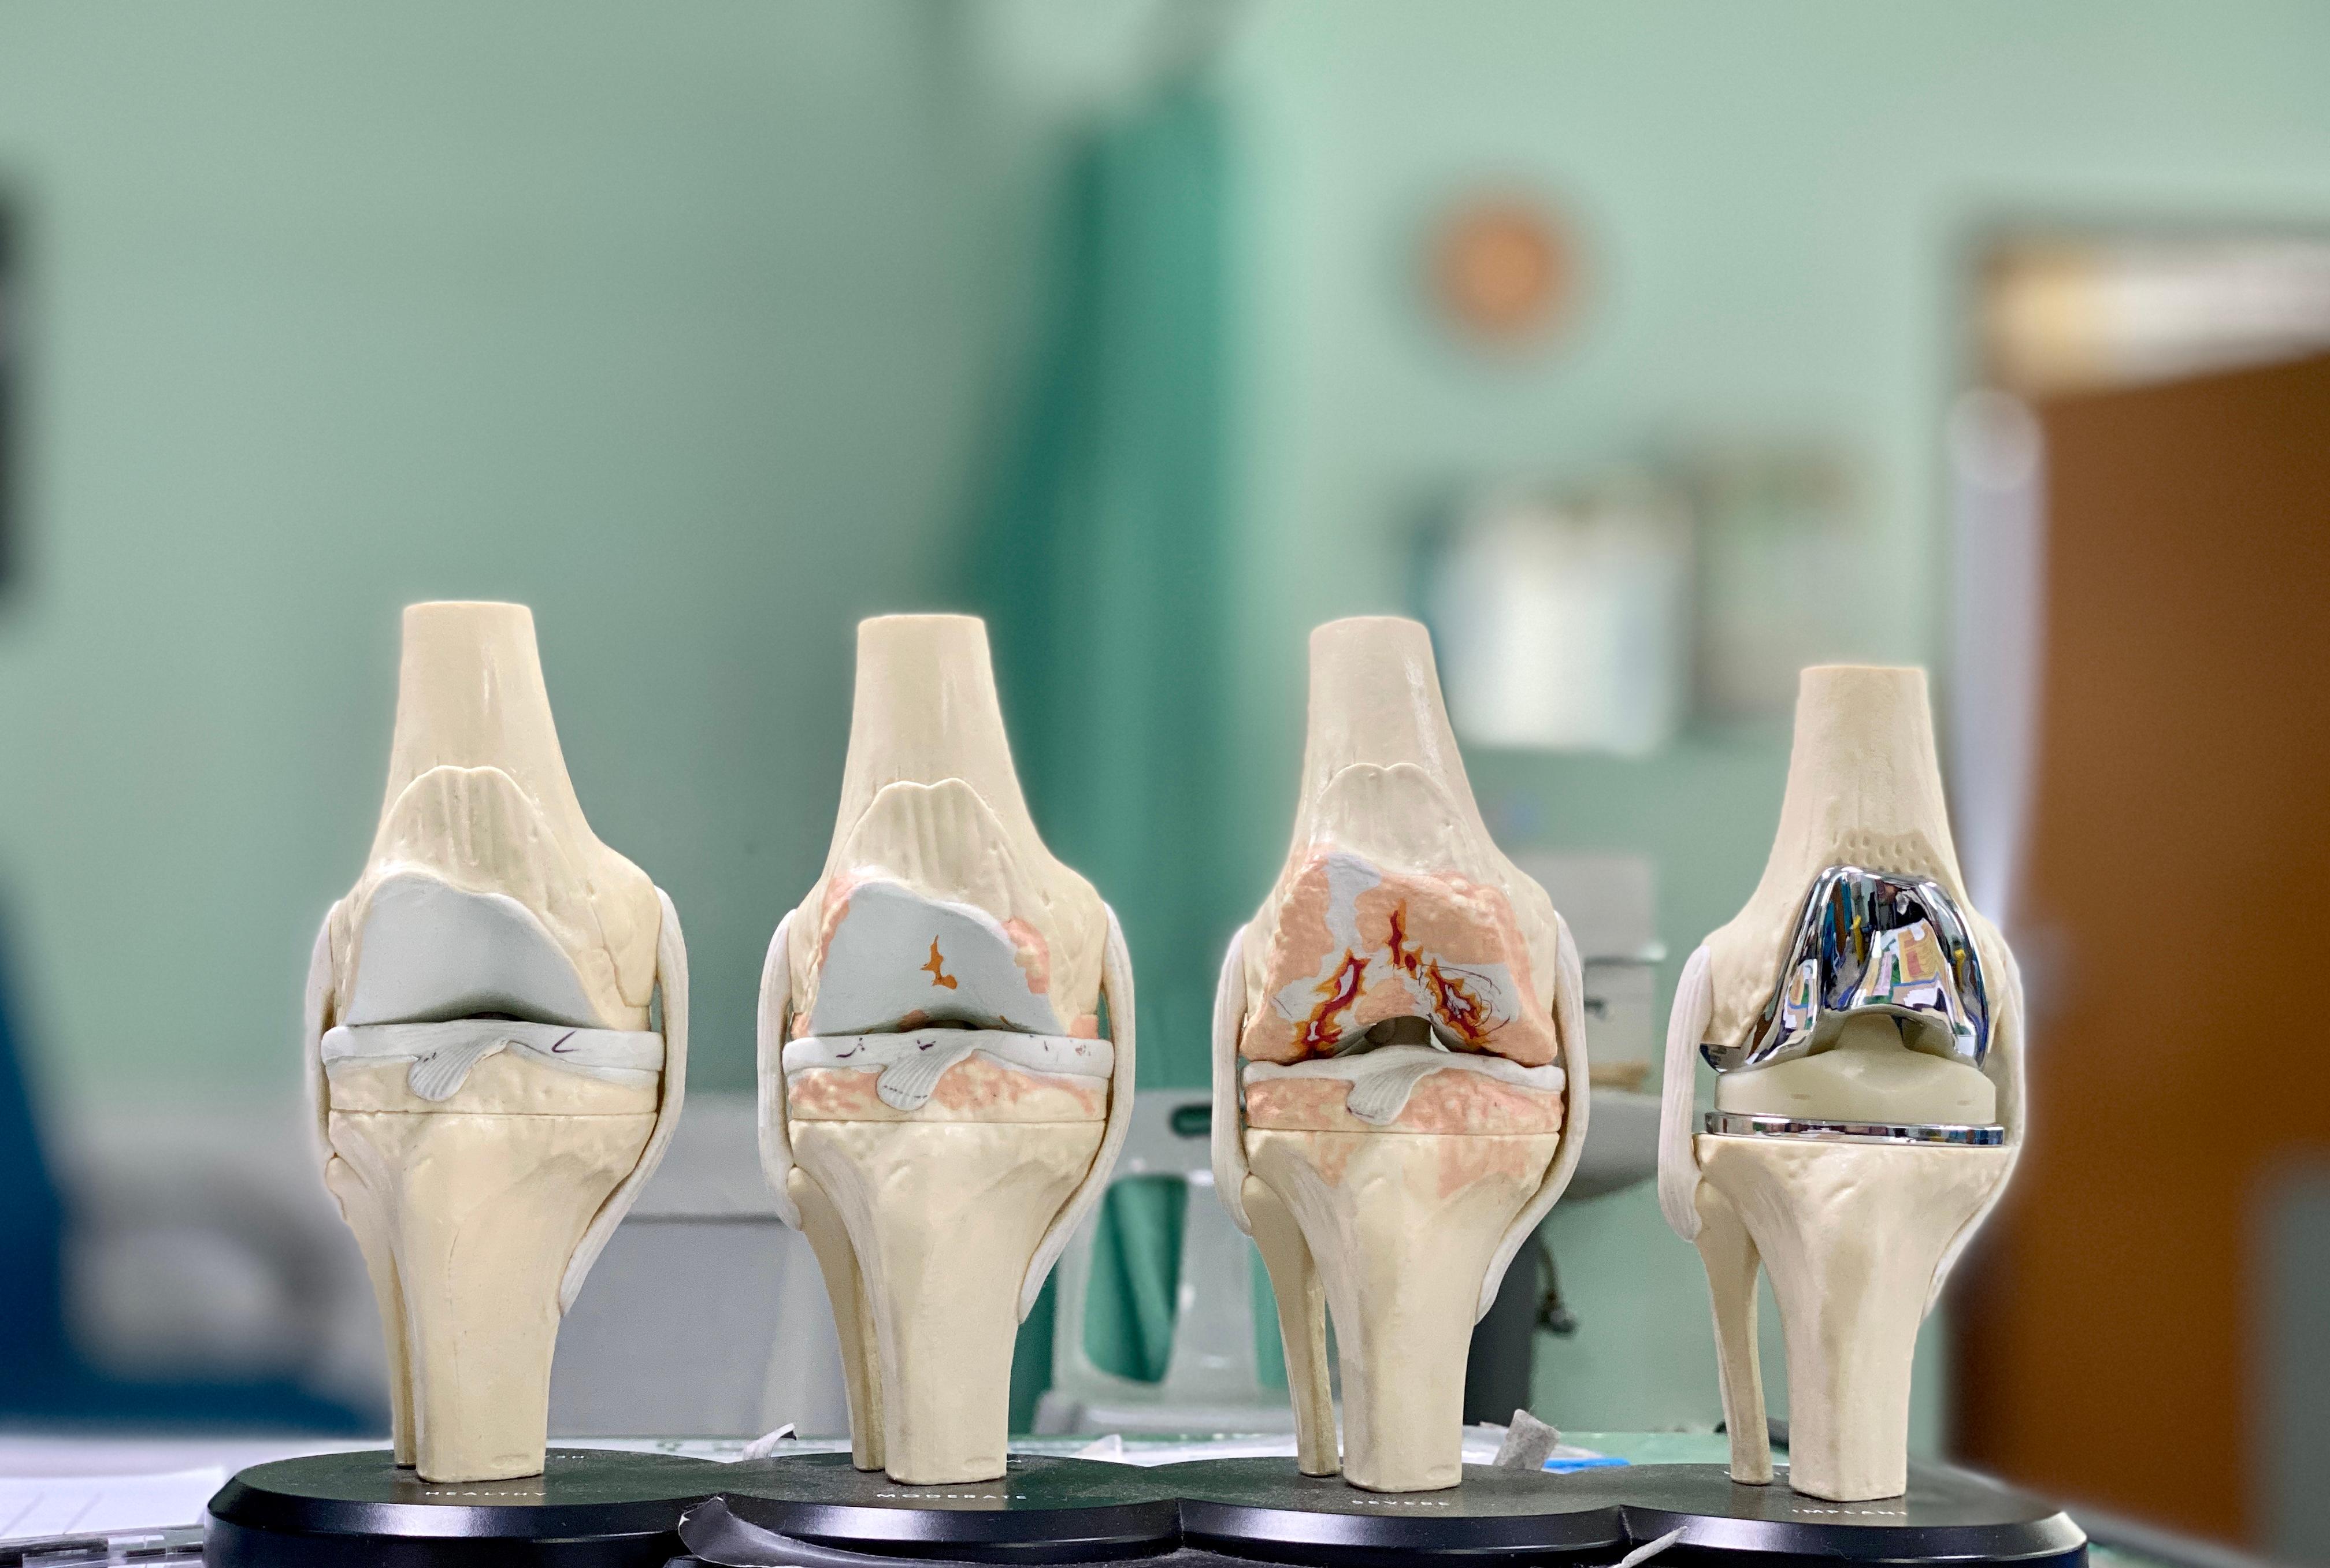 Στάδια στεοαρθρίτιδας - Αρθροπλαστική γόνατος